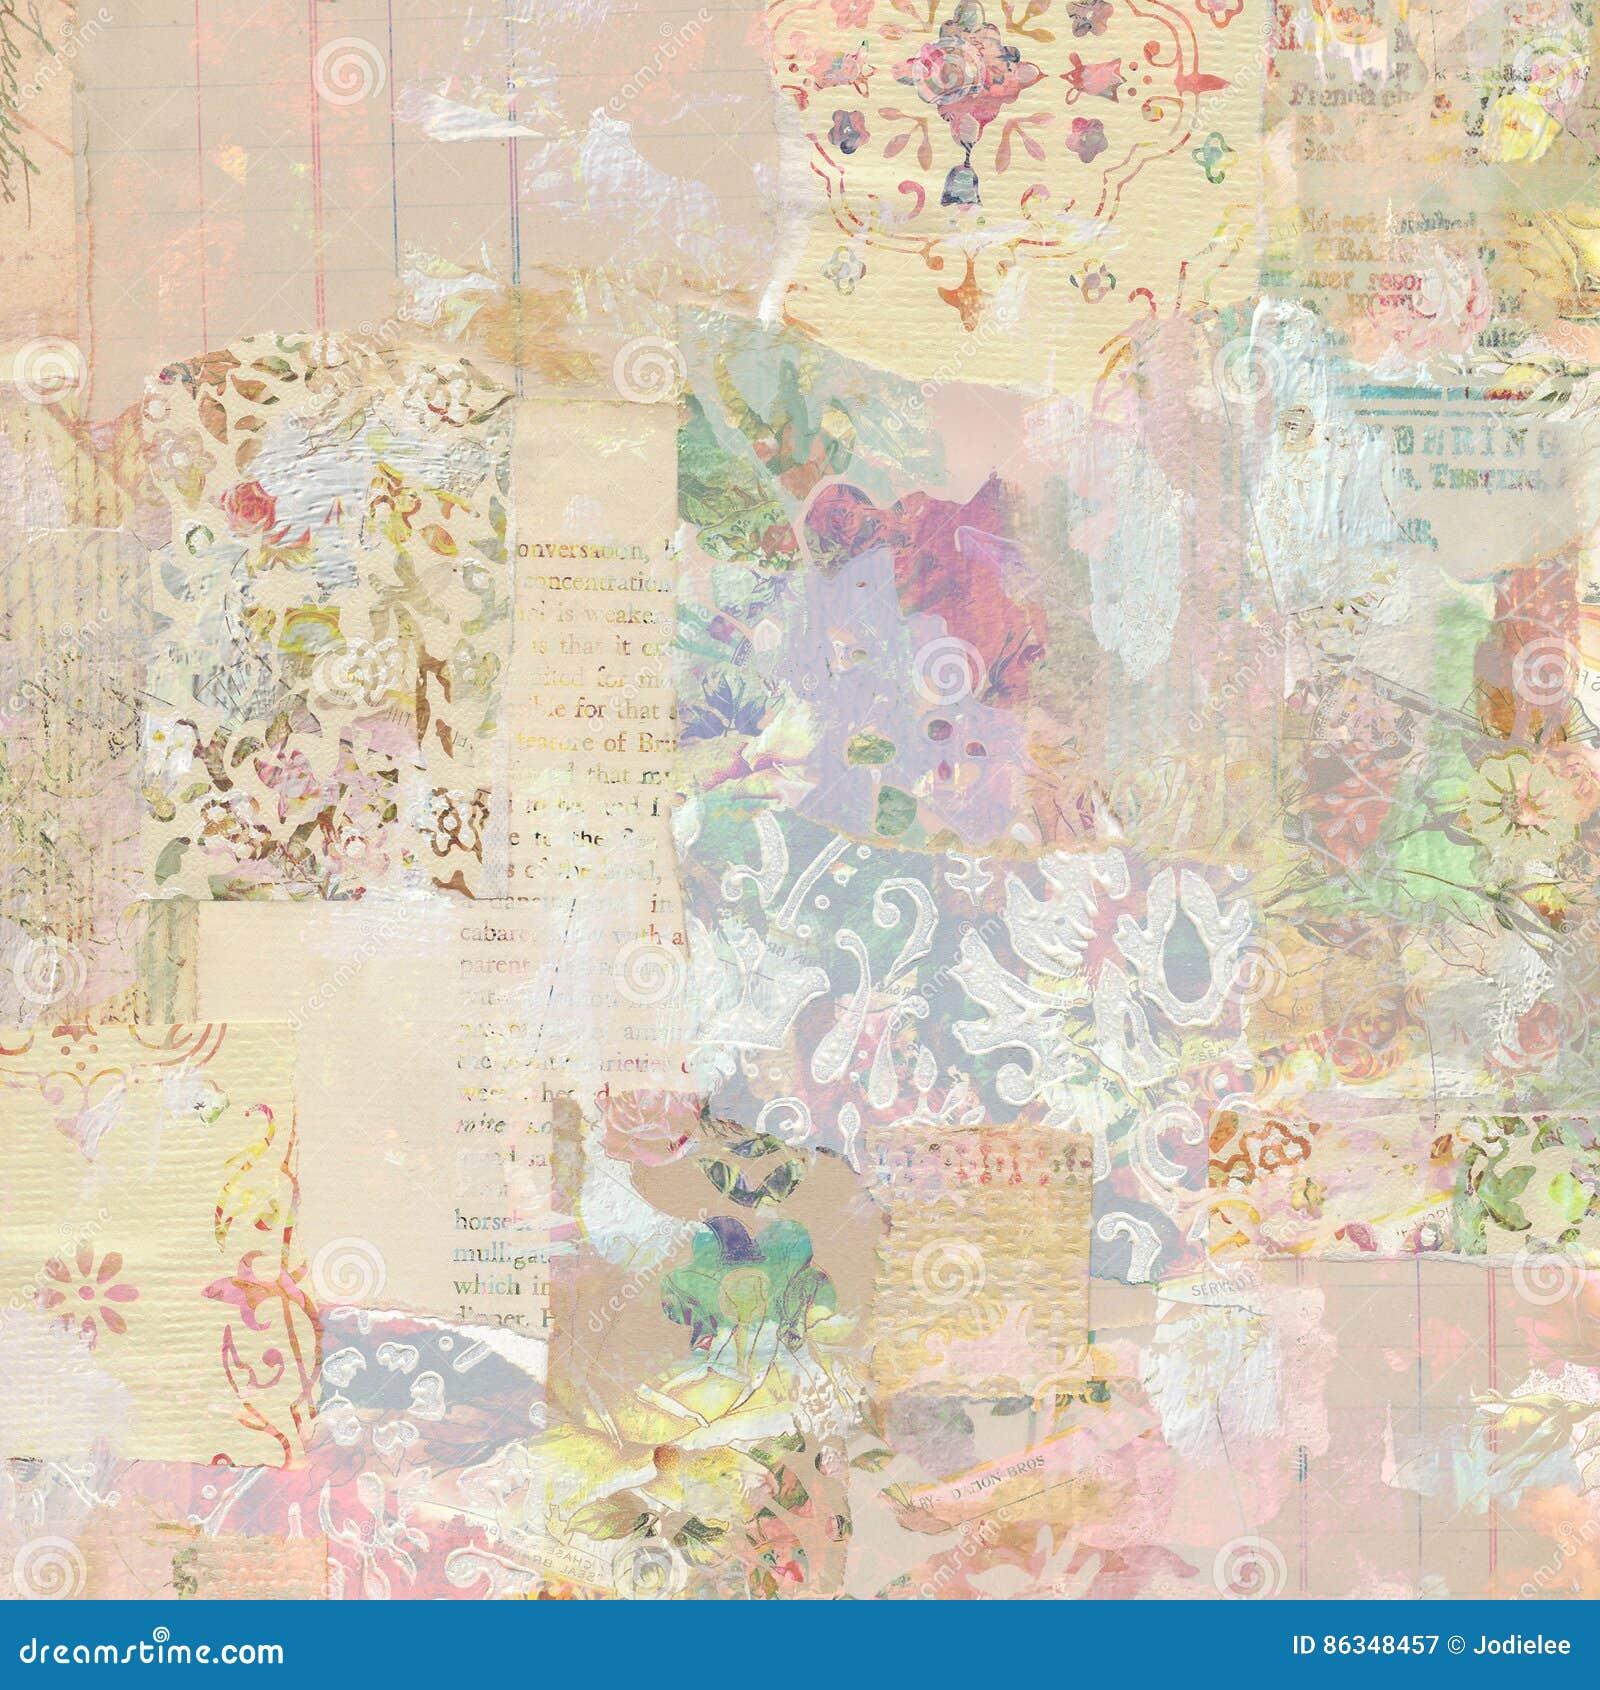 脏的古色古香的葡萄酒花卉墙纸拼贴画背景